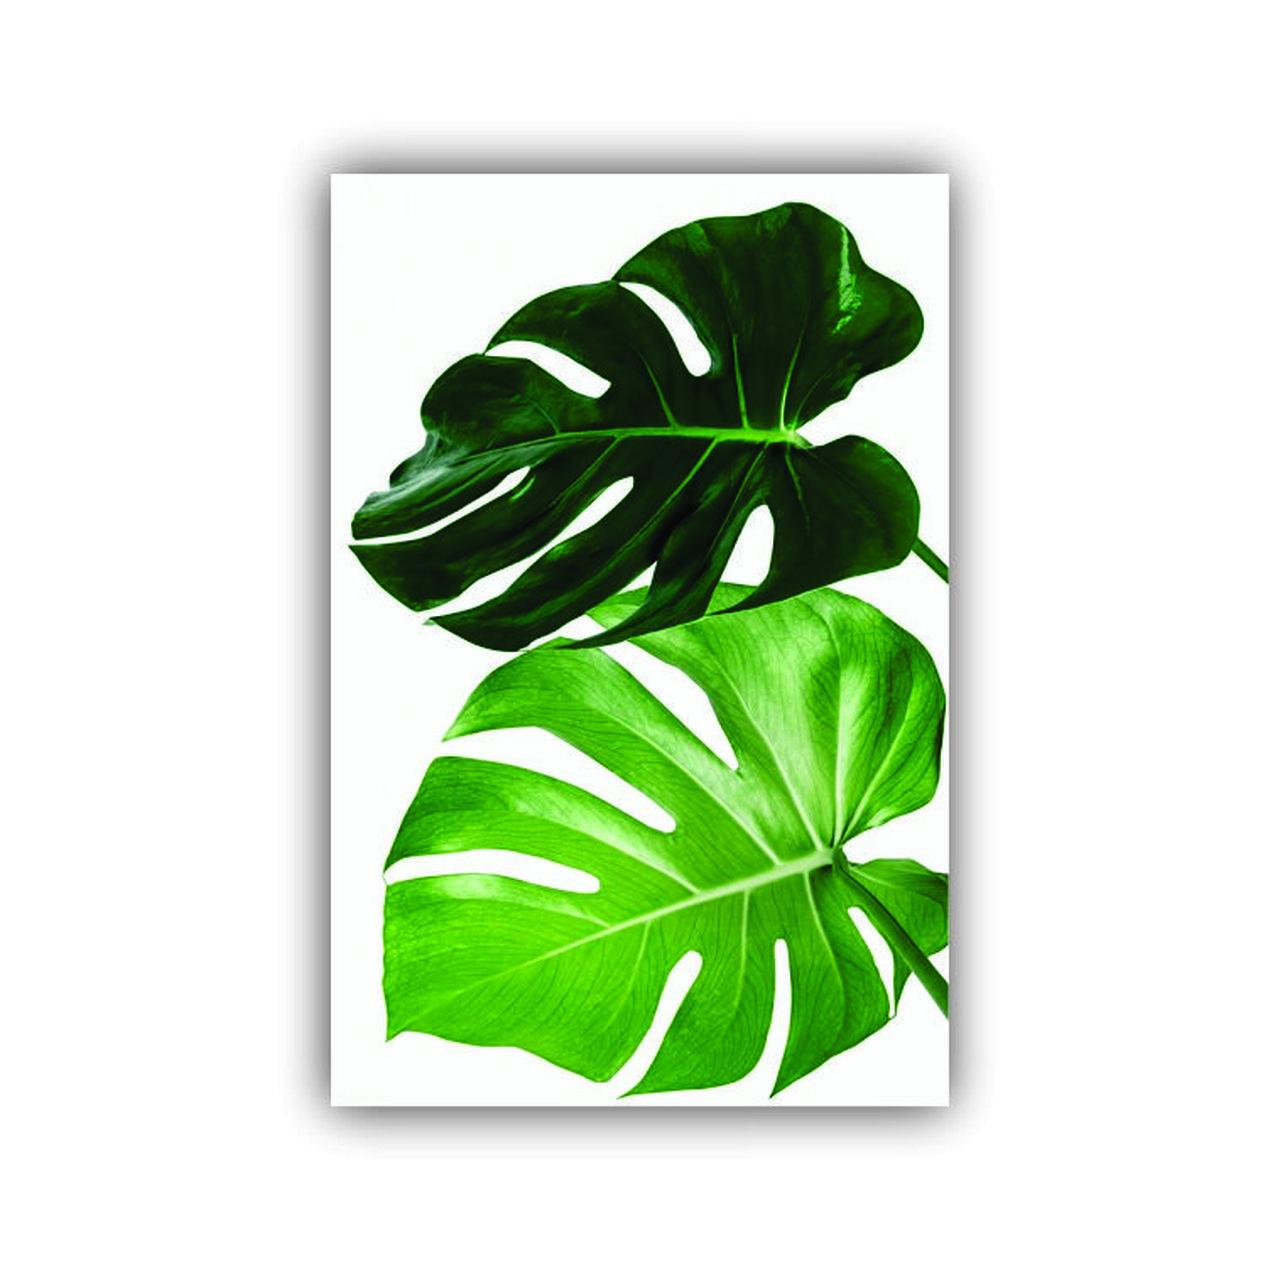 Quadro Decorativo Costela de Adão Duas Folhas Natureza - Tela Única